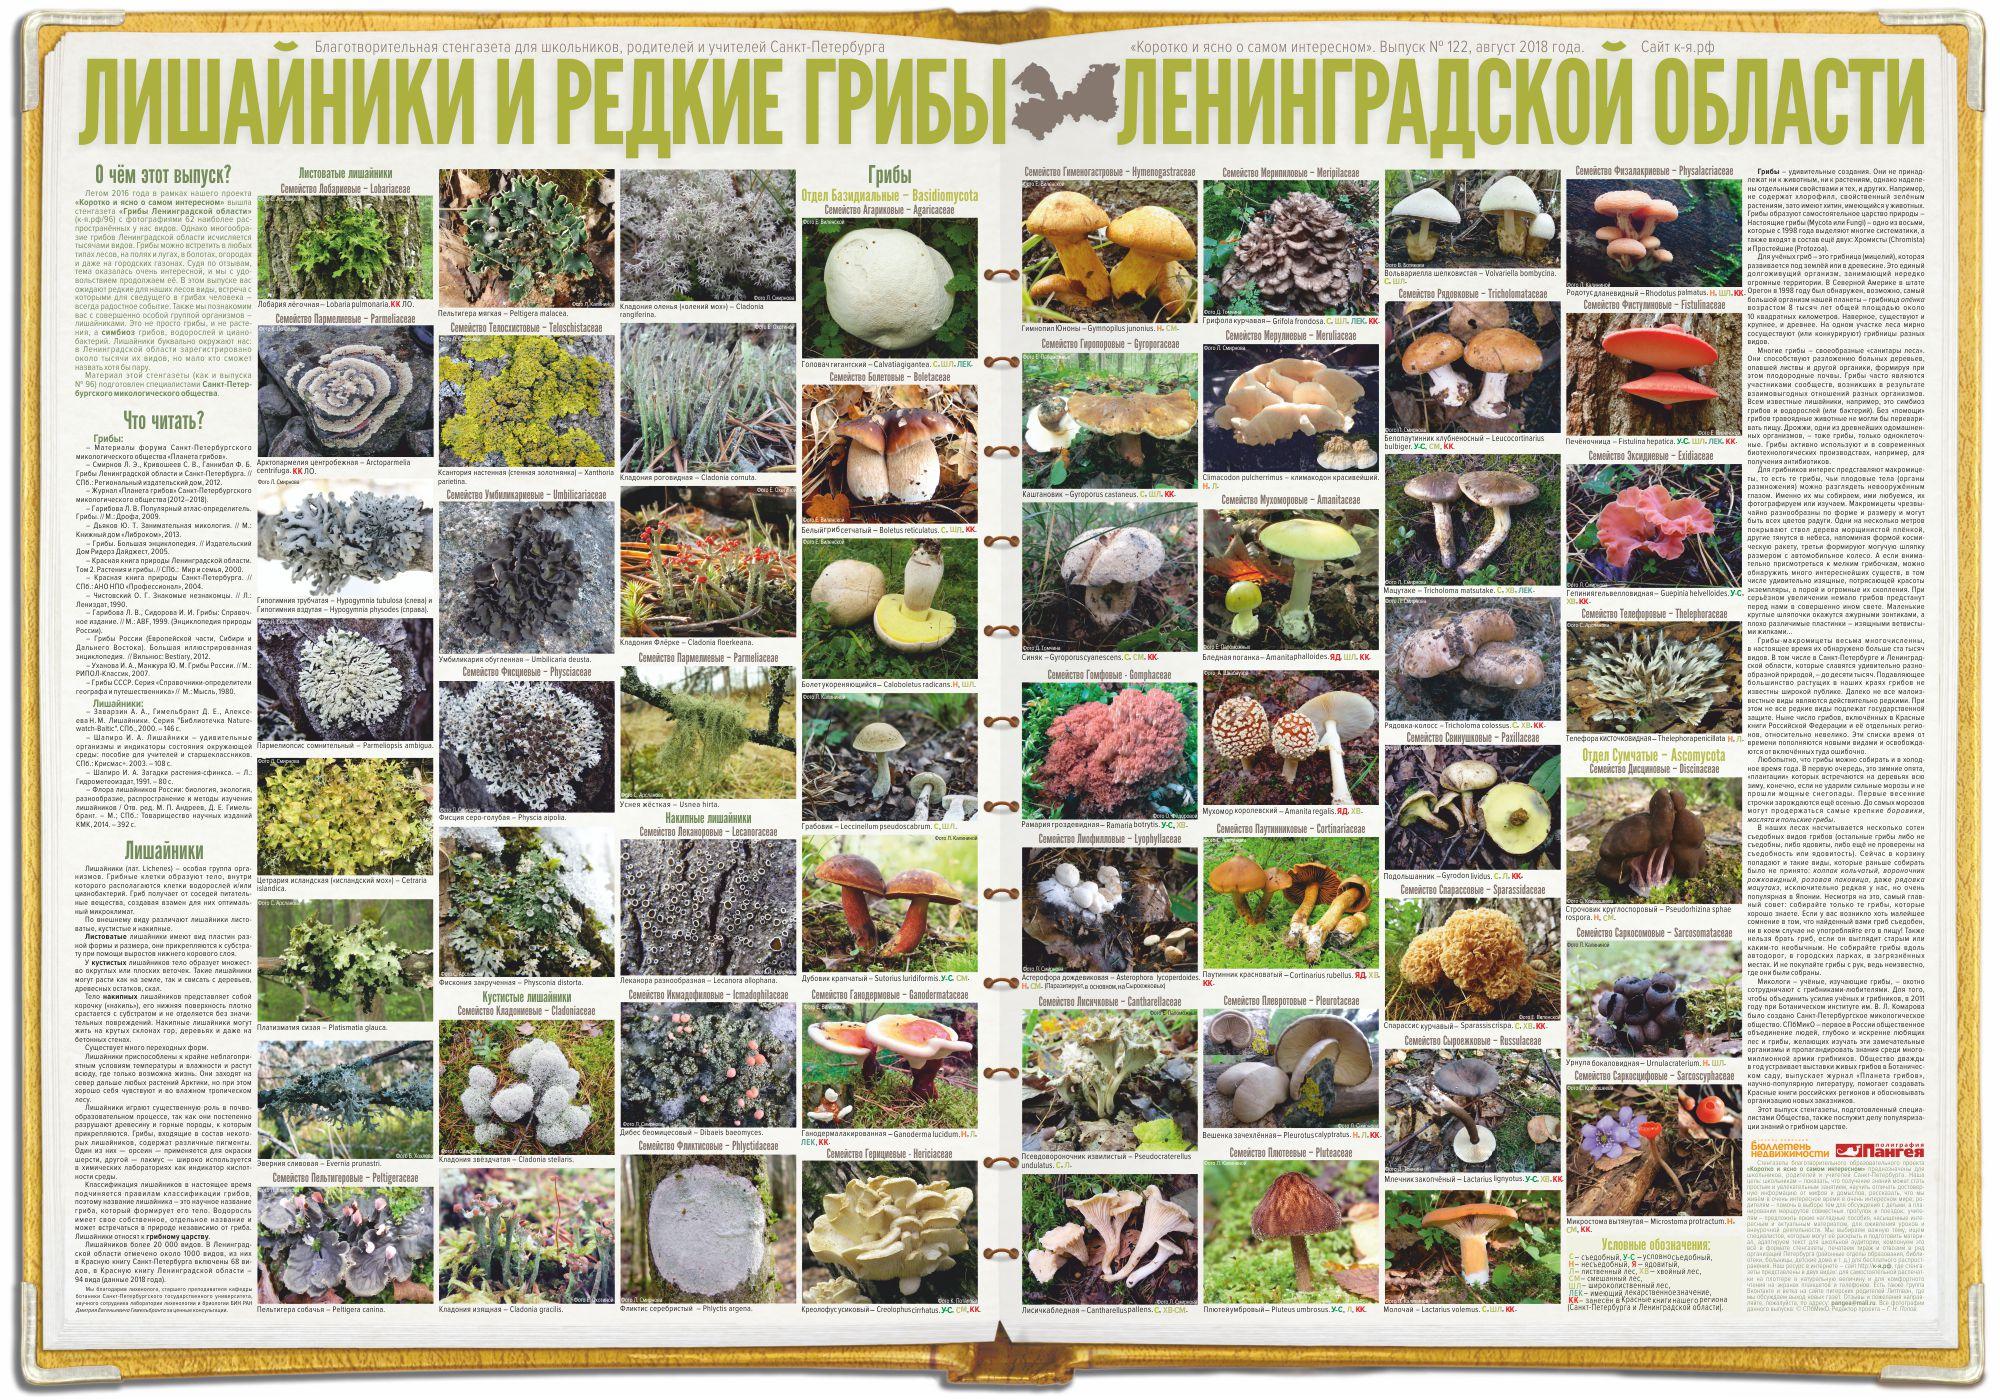 122. Лишайники и редкие грибы Ленинградской области.